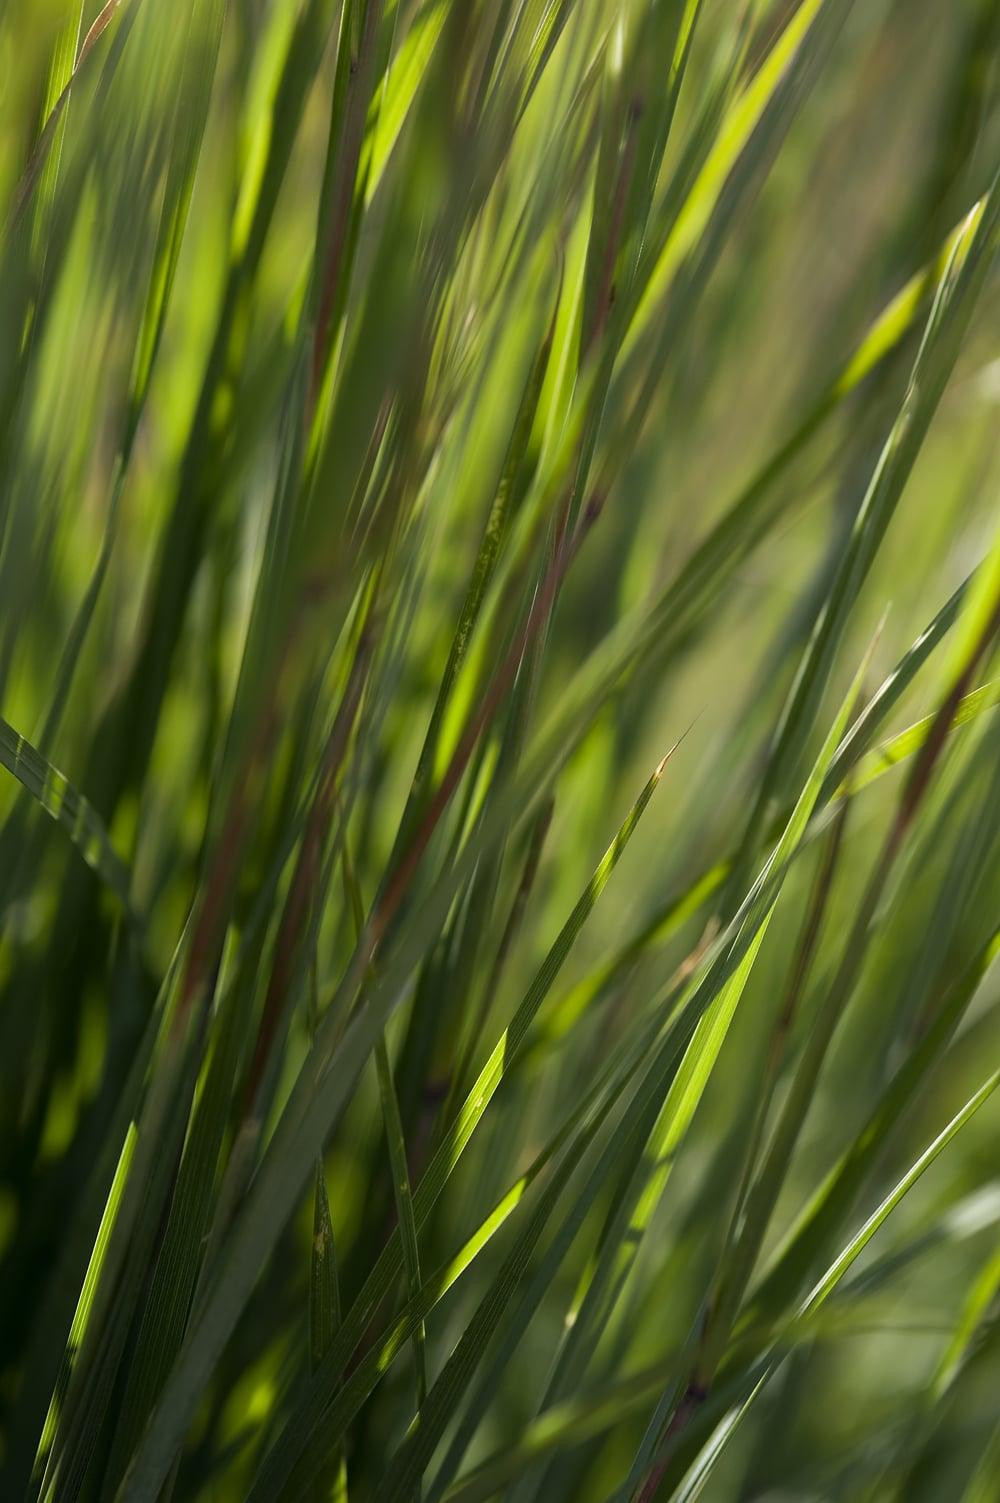 #18 Green/Red grass 1